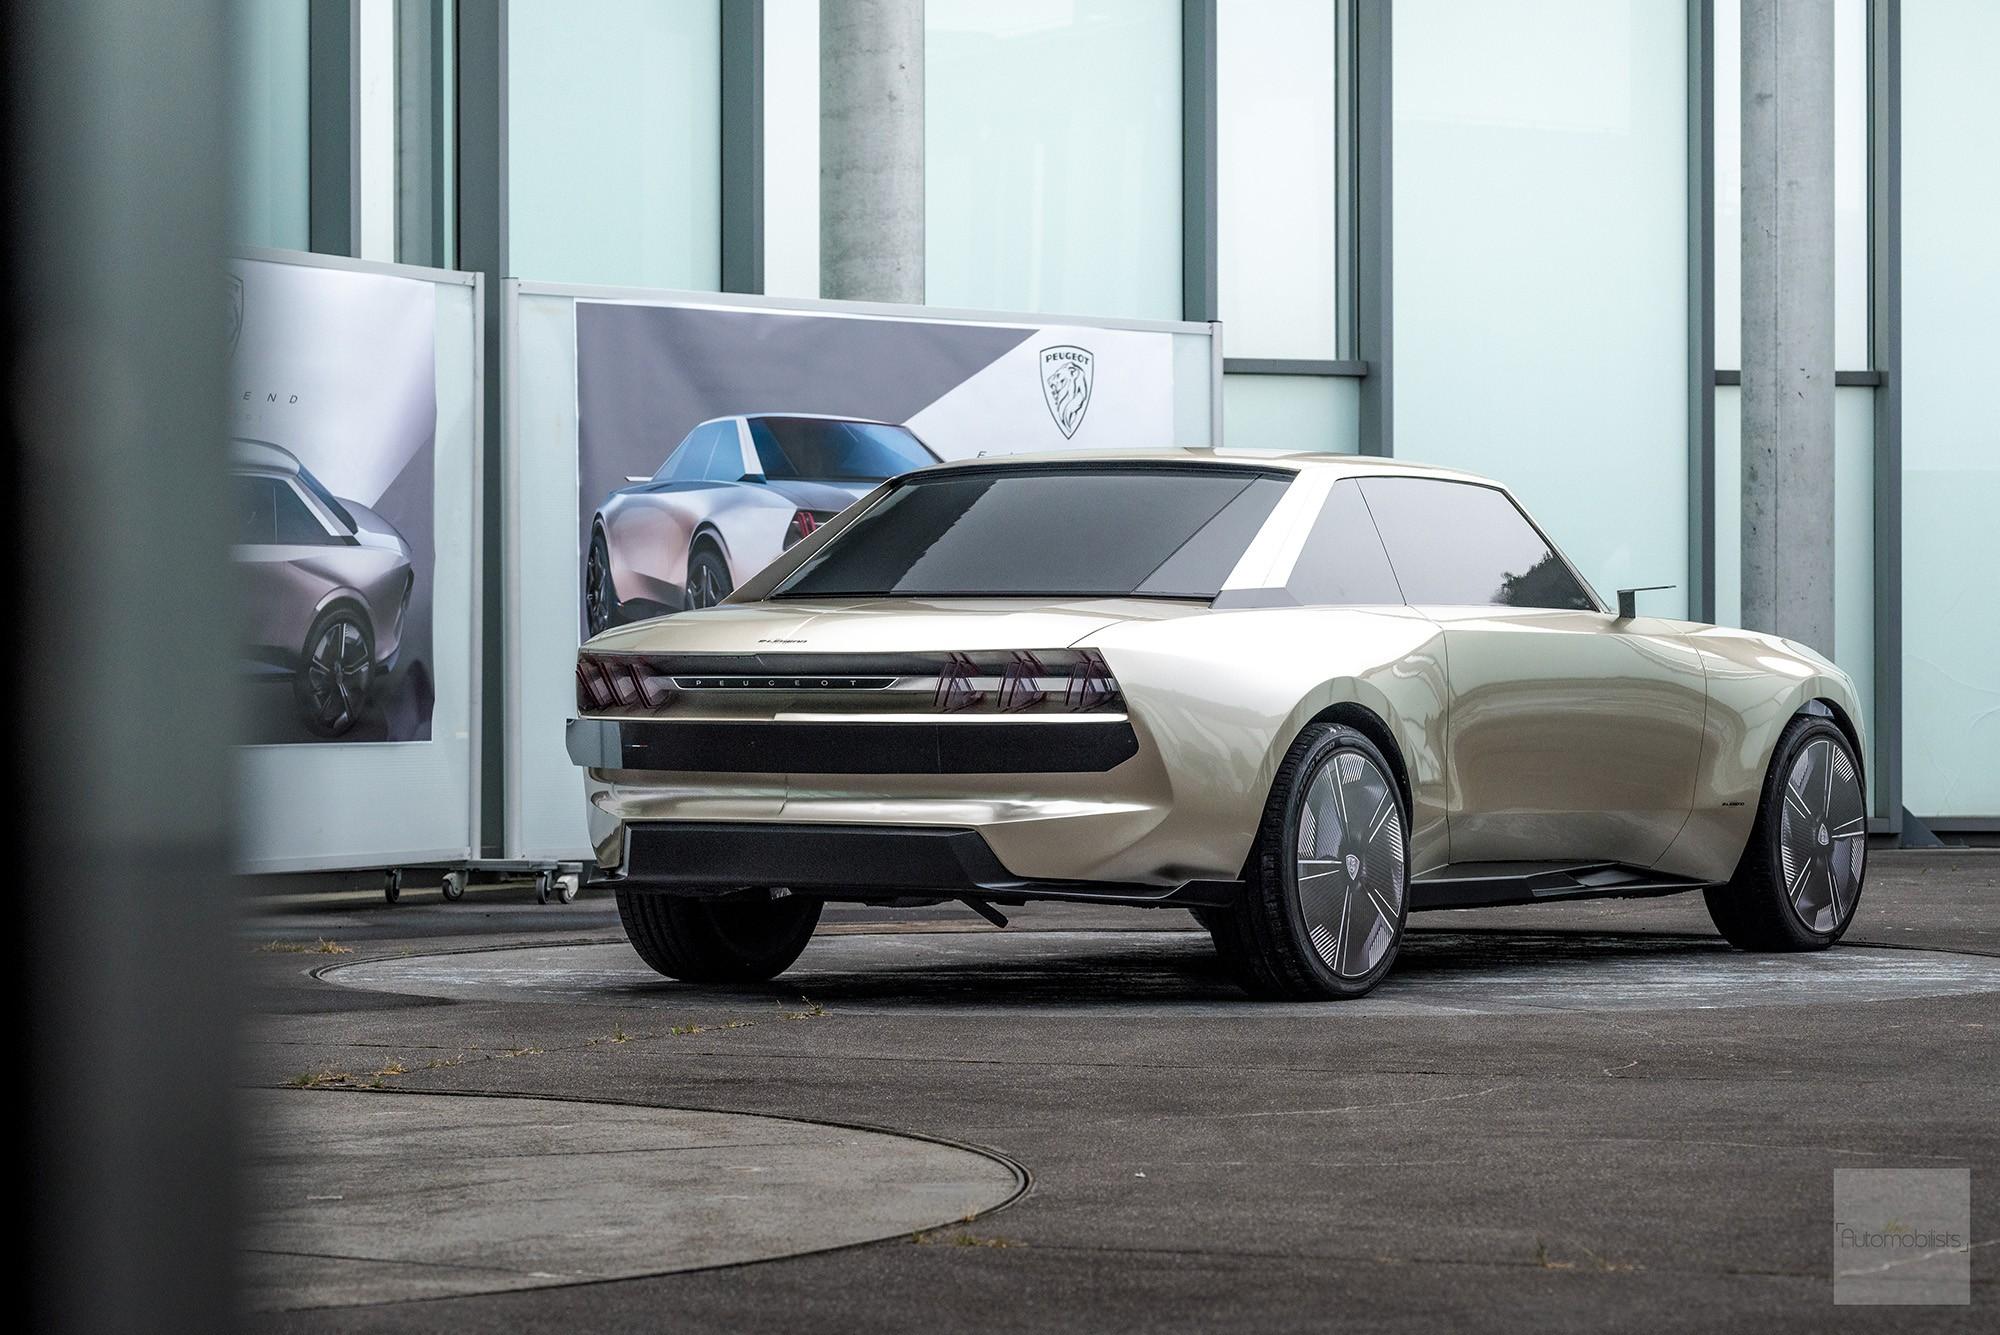 Peugeot P18 Paris Motor Show 2018 E Legend Concept Car presentation maquette creuse face arriere 2